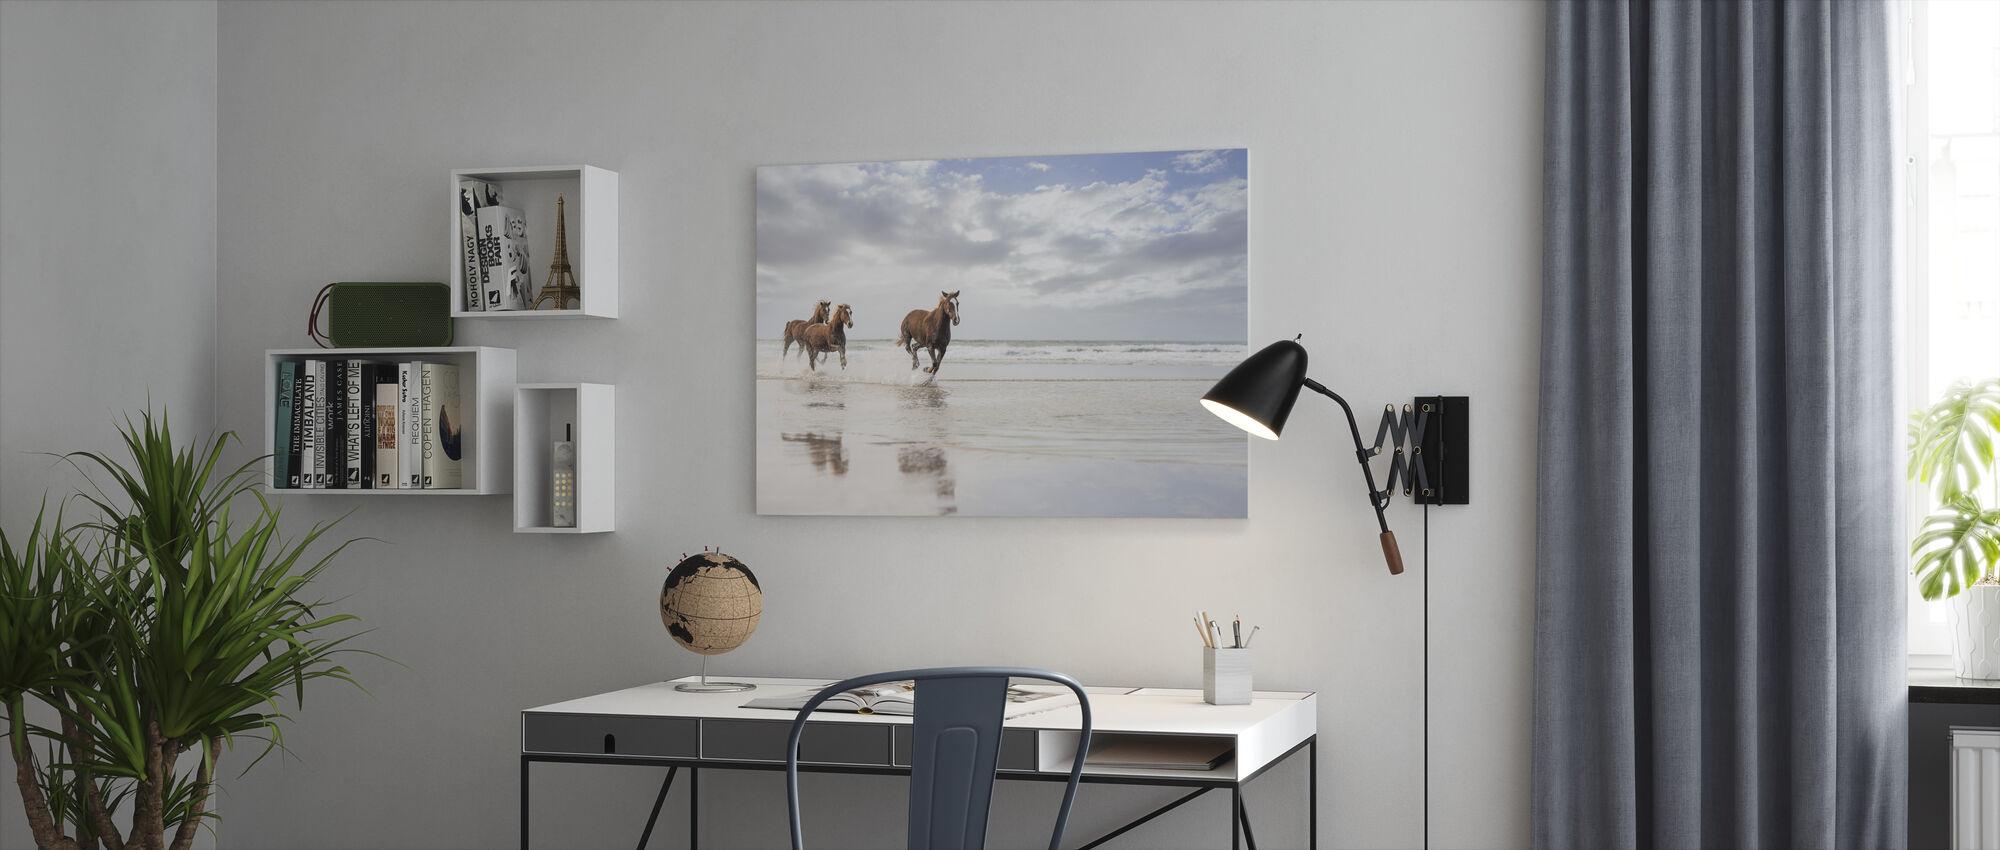 Hevoset Etelä-Afrikan rannalla - Canvastaulu - Toimisto